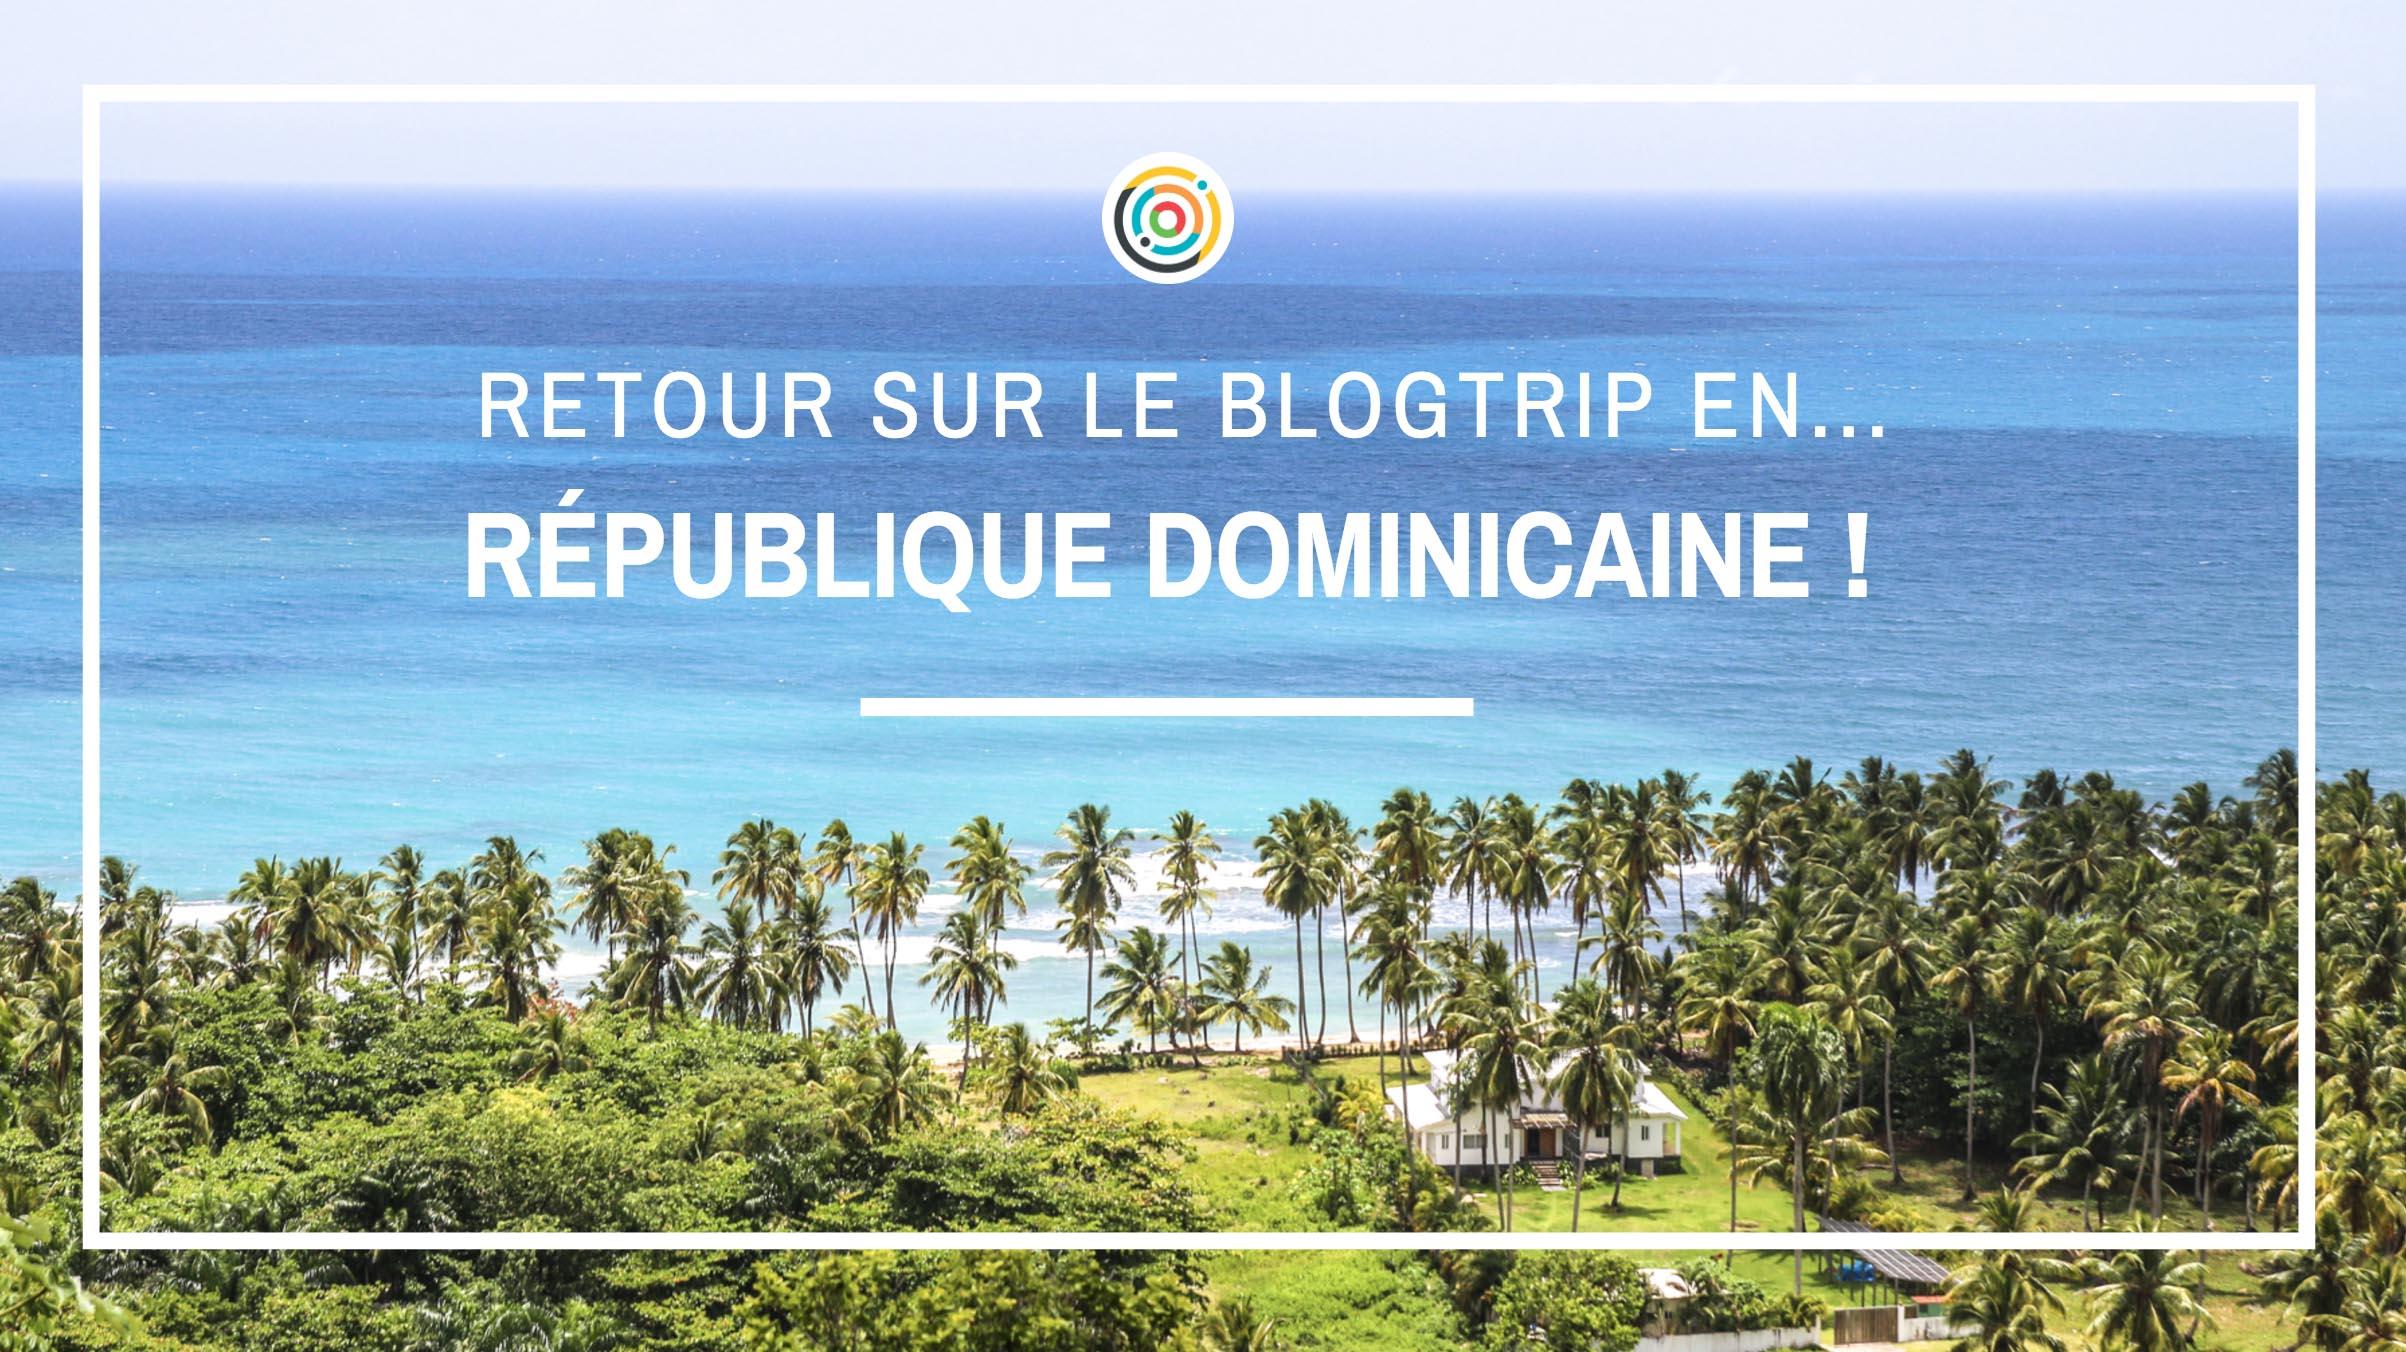 Influenceurs archives travel insight - Office de tourisme republique dominicaine ...